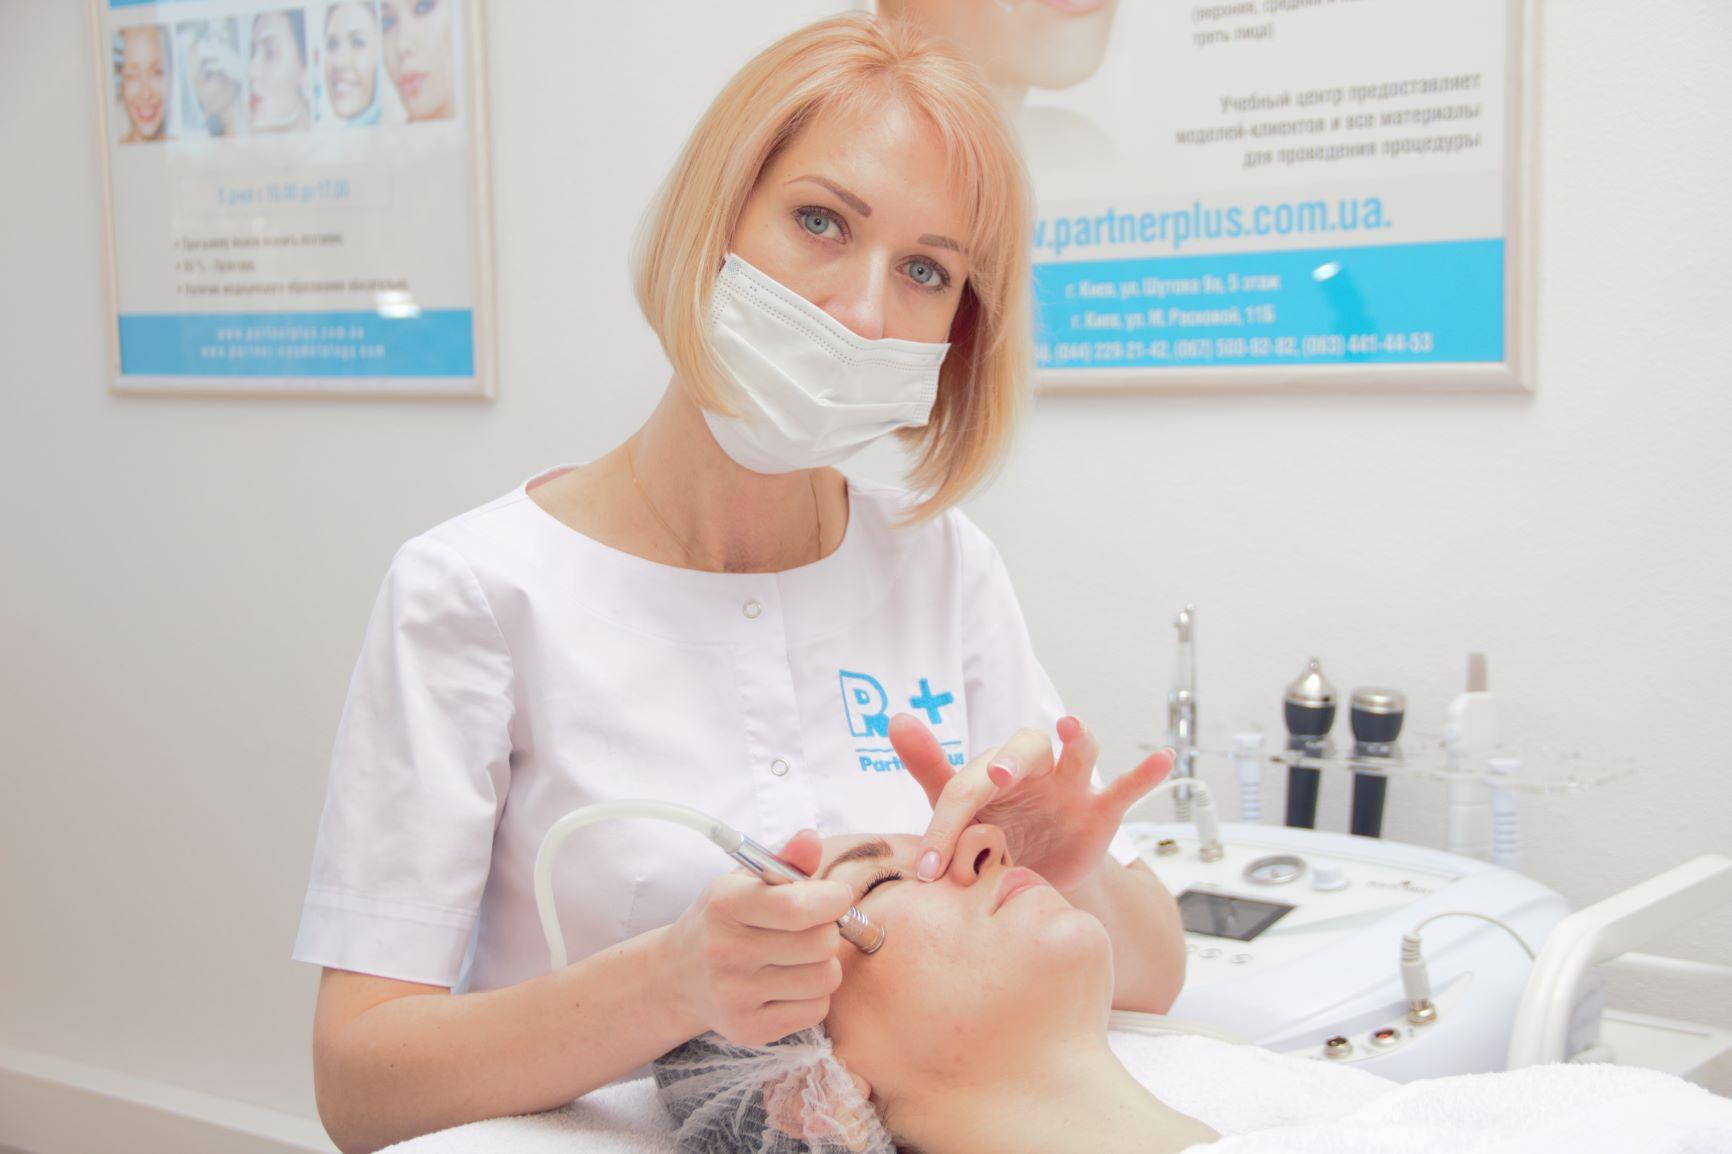 Дистанционный курс «Аппаратная косметология лица: алмазная микродермабразия»